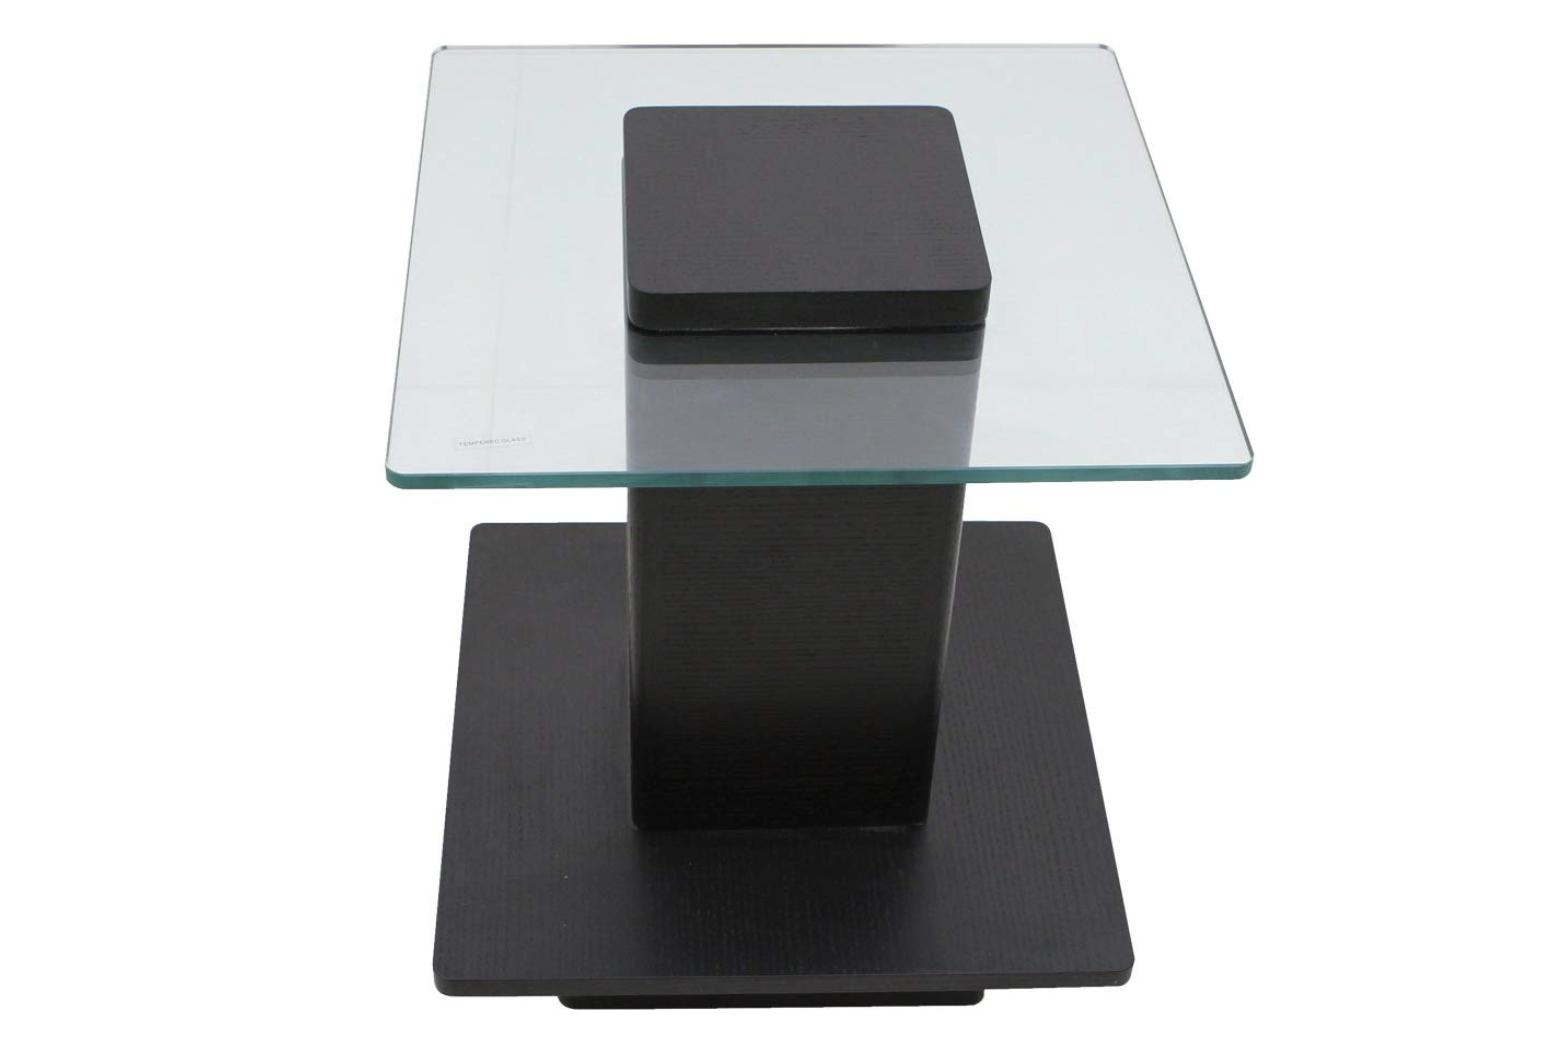 アルモニア サイドテーブル Karen